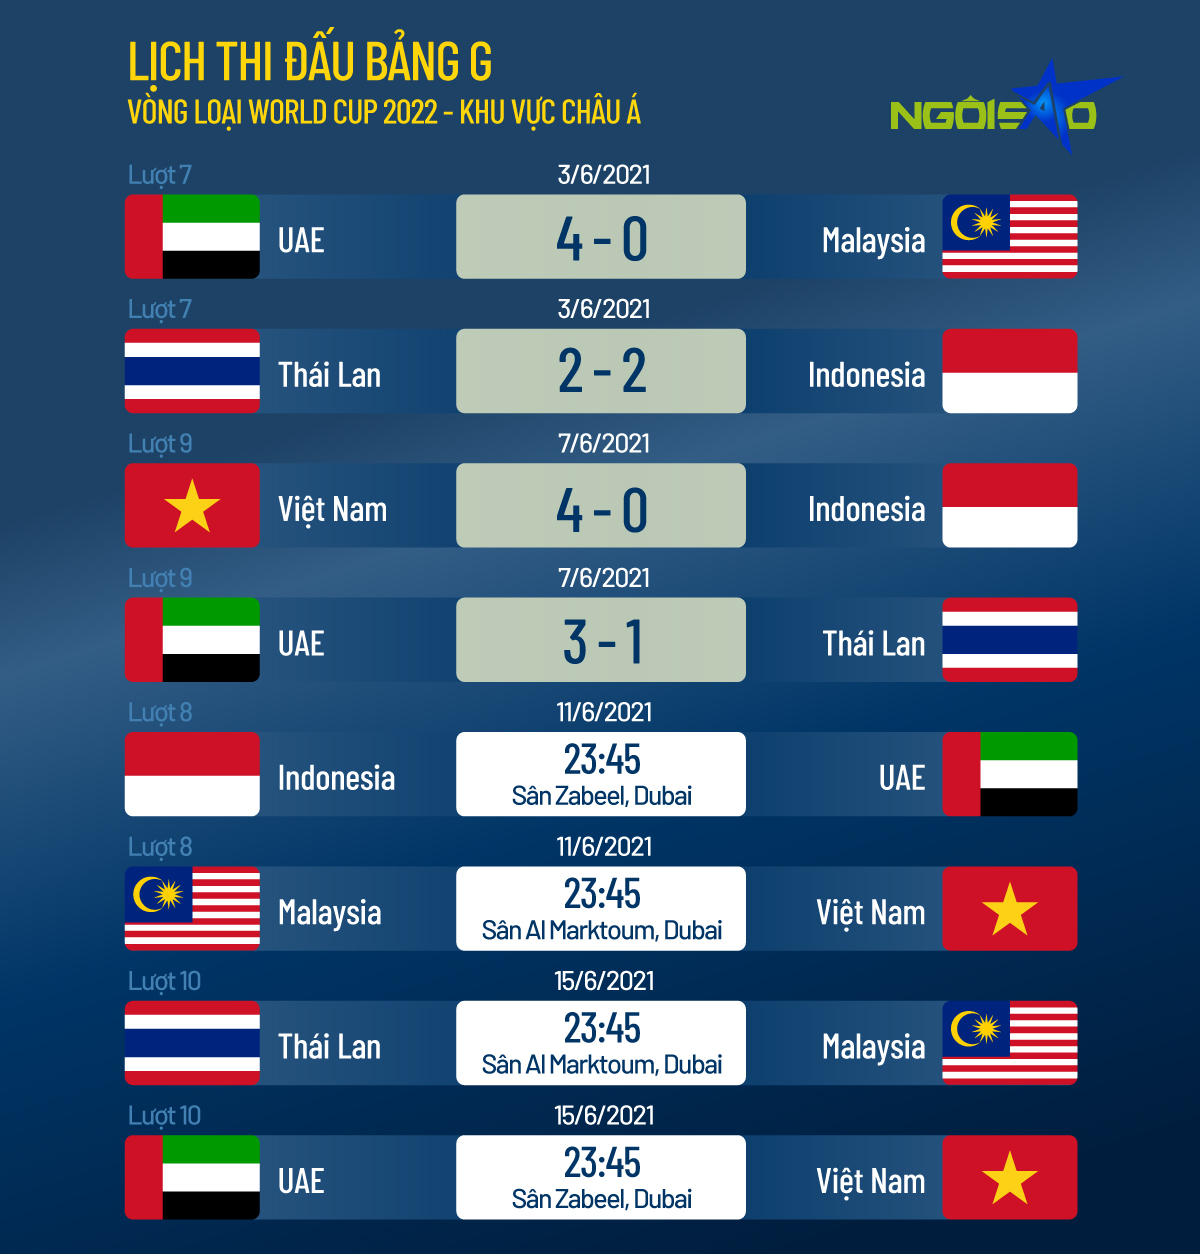 Truyền thông Malaysia nói đội nhà vừa tuyệt vọng vừa tạp nham - 4